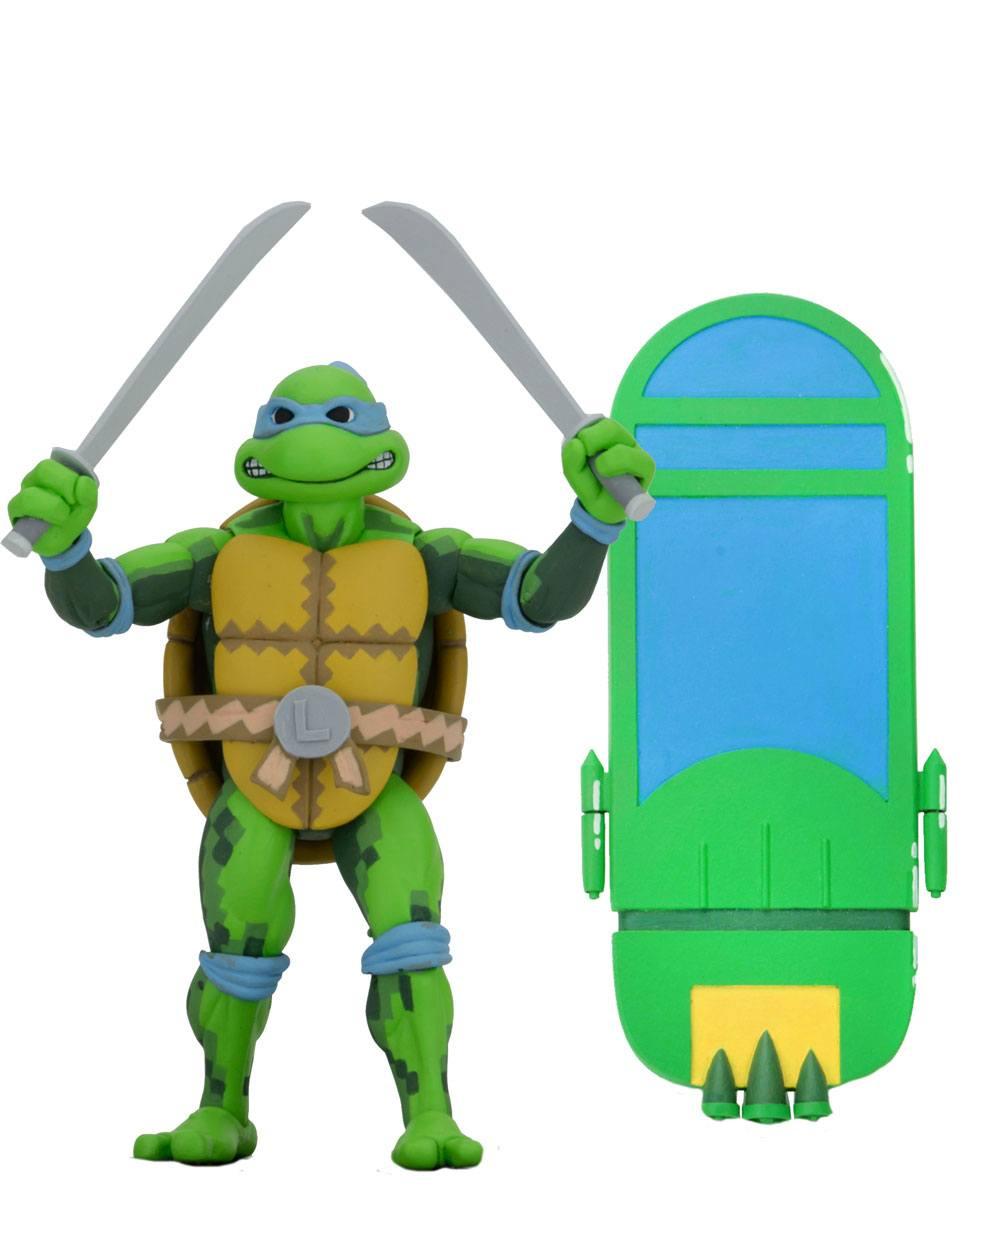 Teenage Mutant Ninja Turtles: Turtles in Time Action Figure Series 1 Leonardo 18 cm